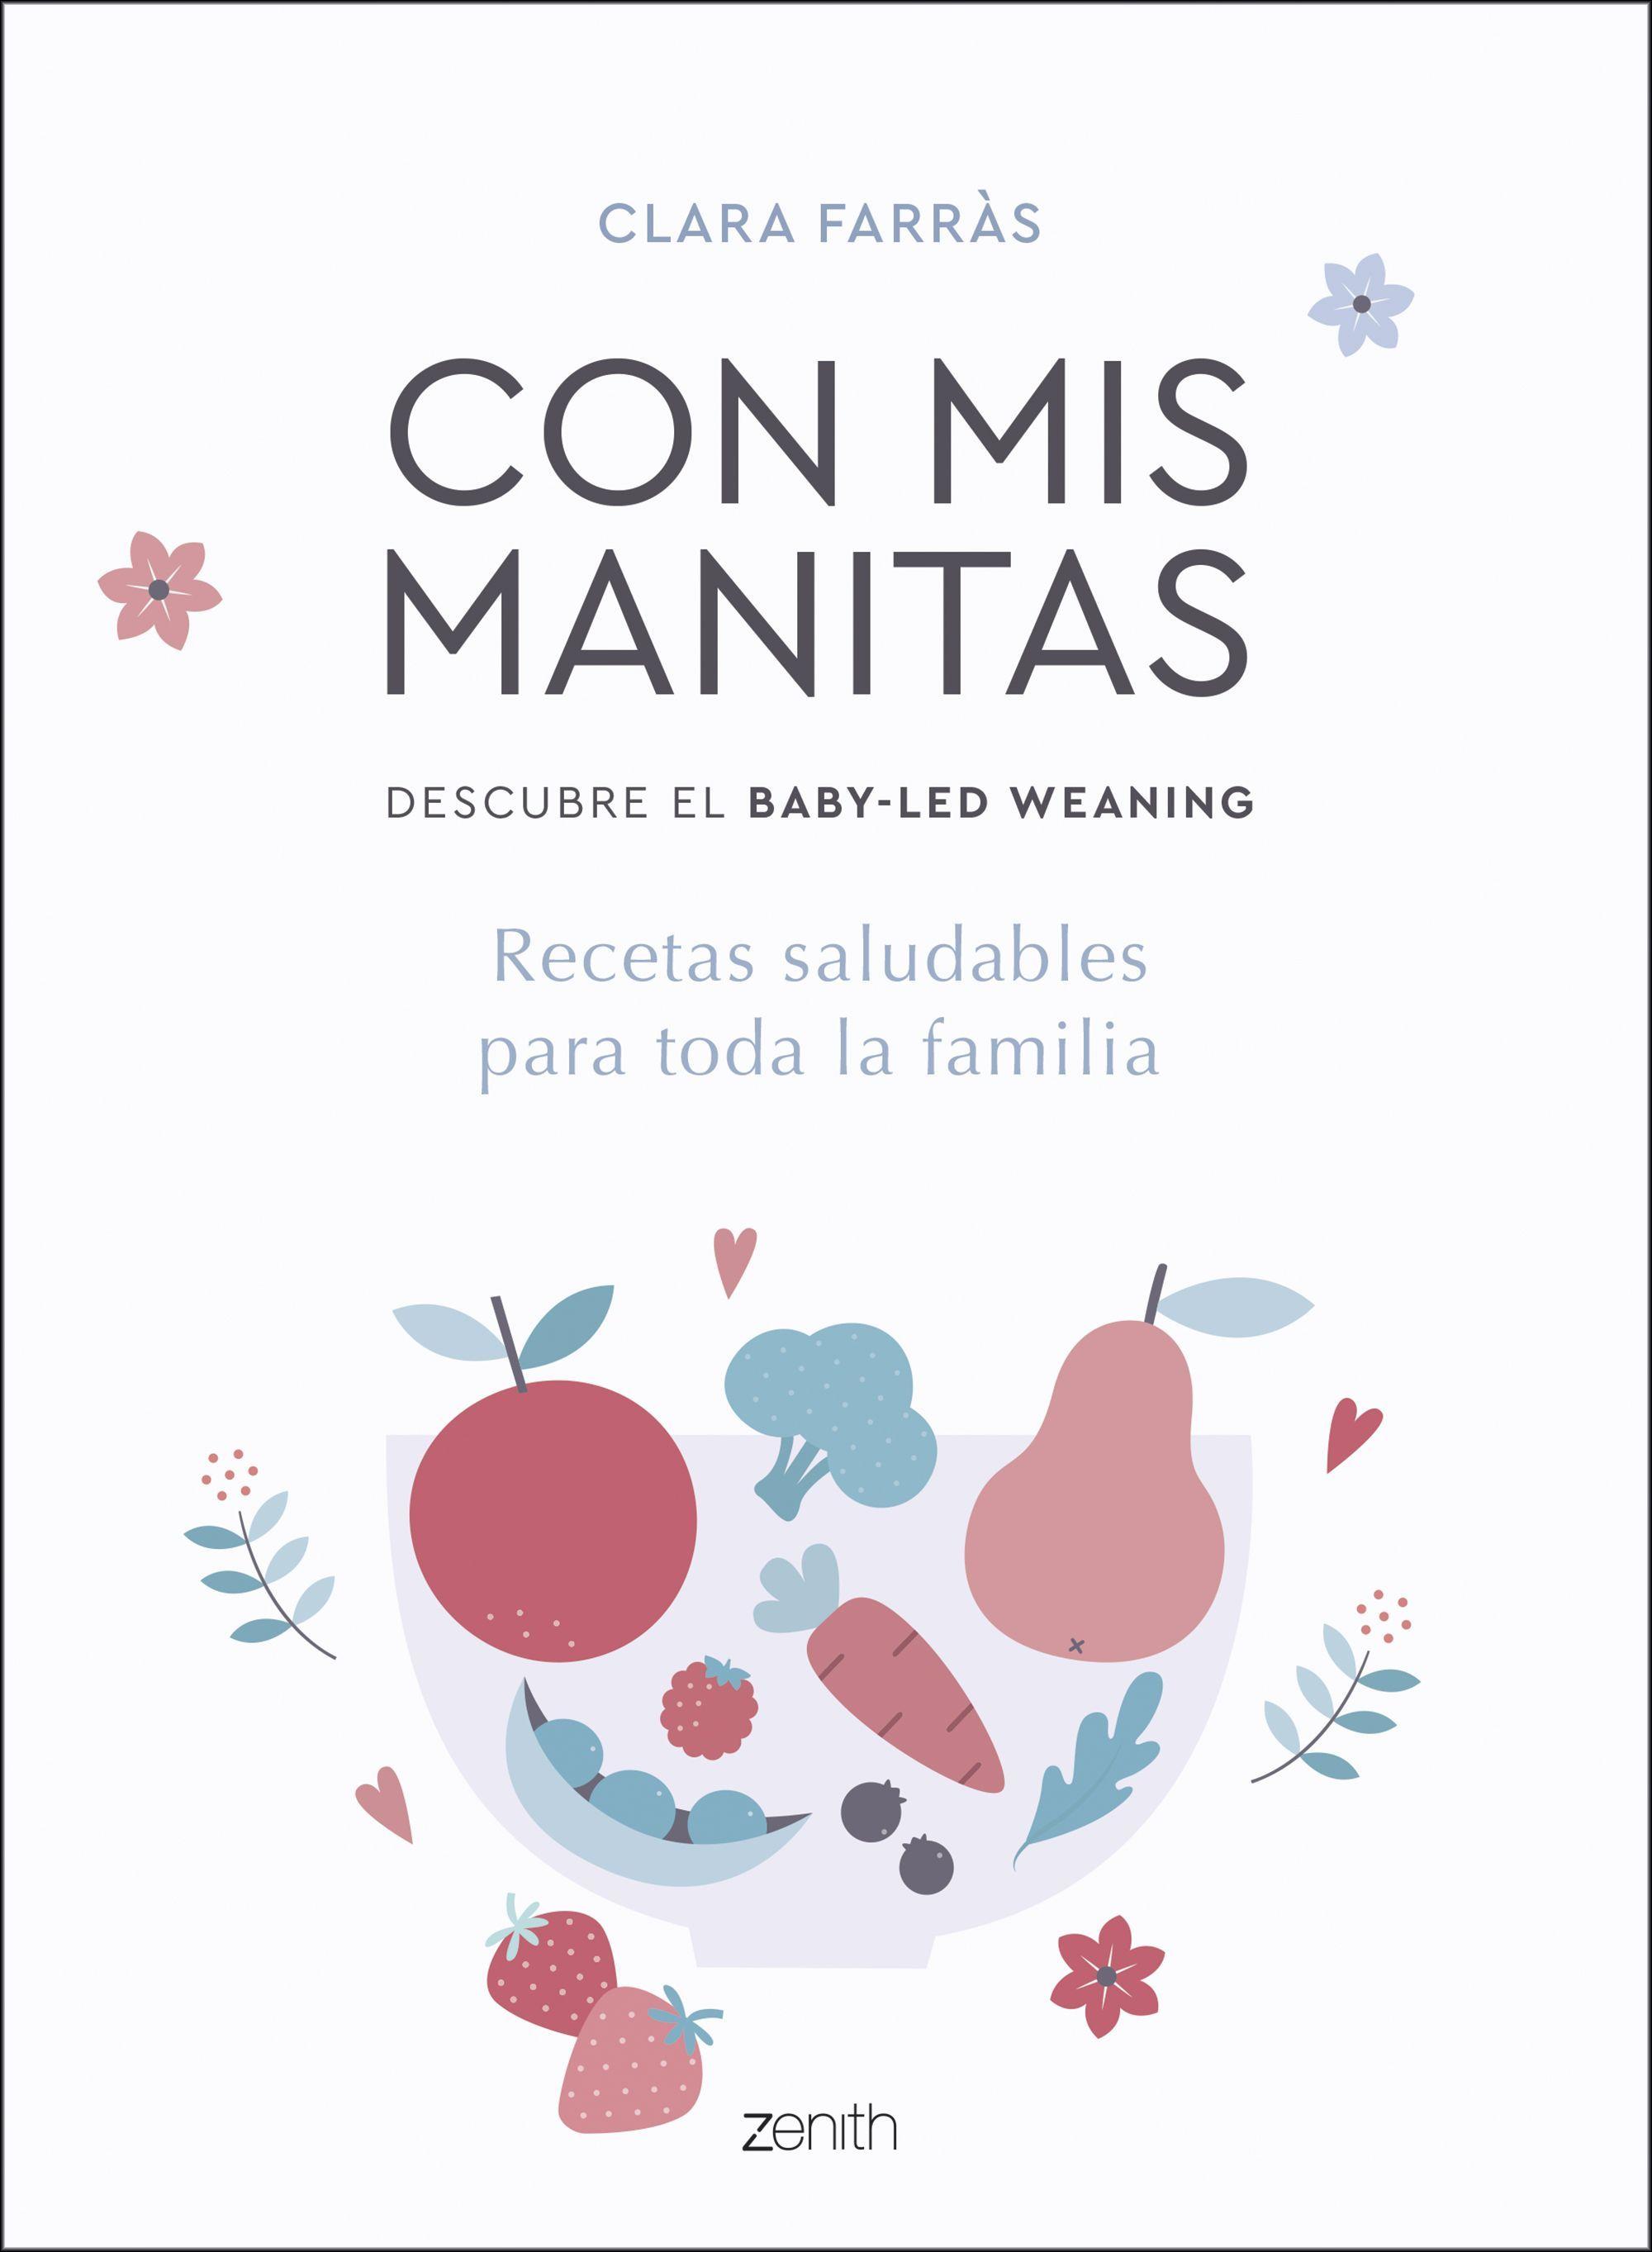 CON MIS MANITAS